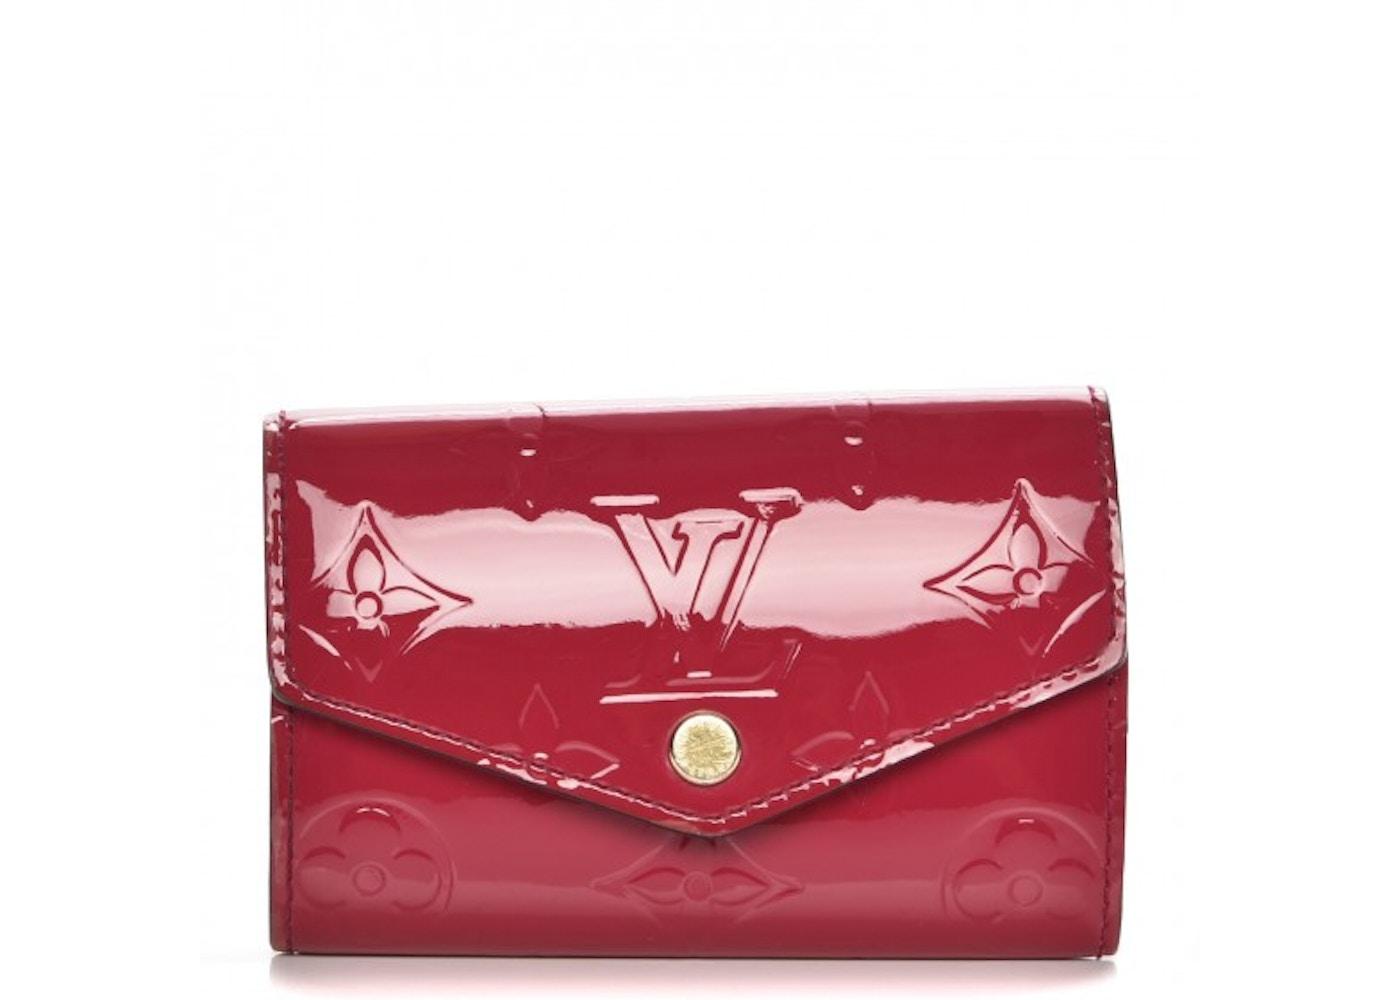 4ee7ec0123 Louis Vuitton Key Holder Multicles 6 Monogram Vernis Rose Indien